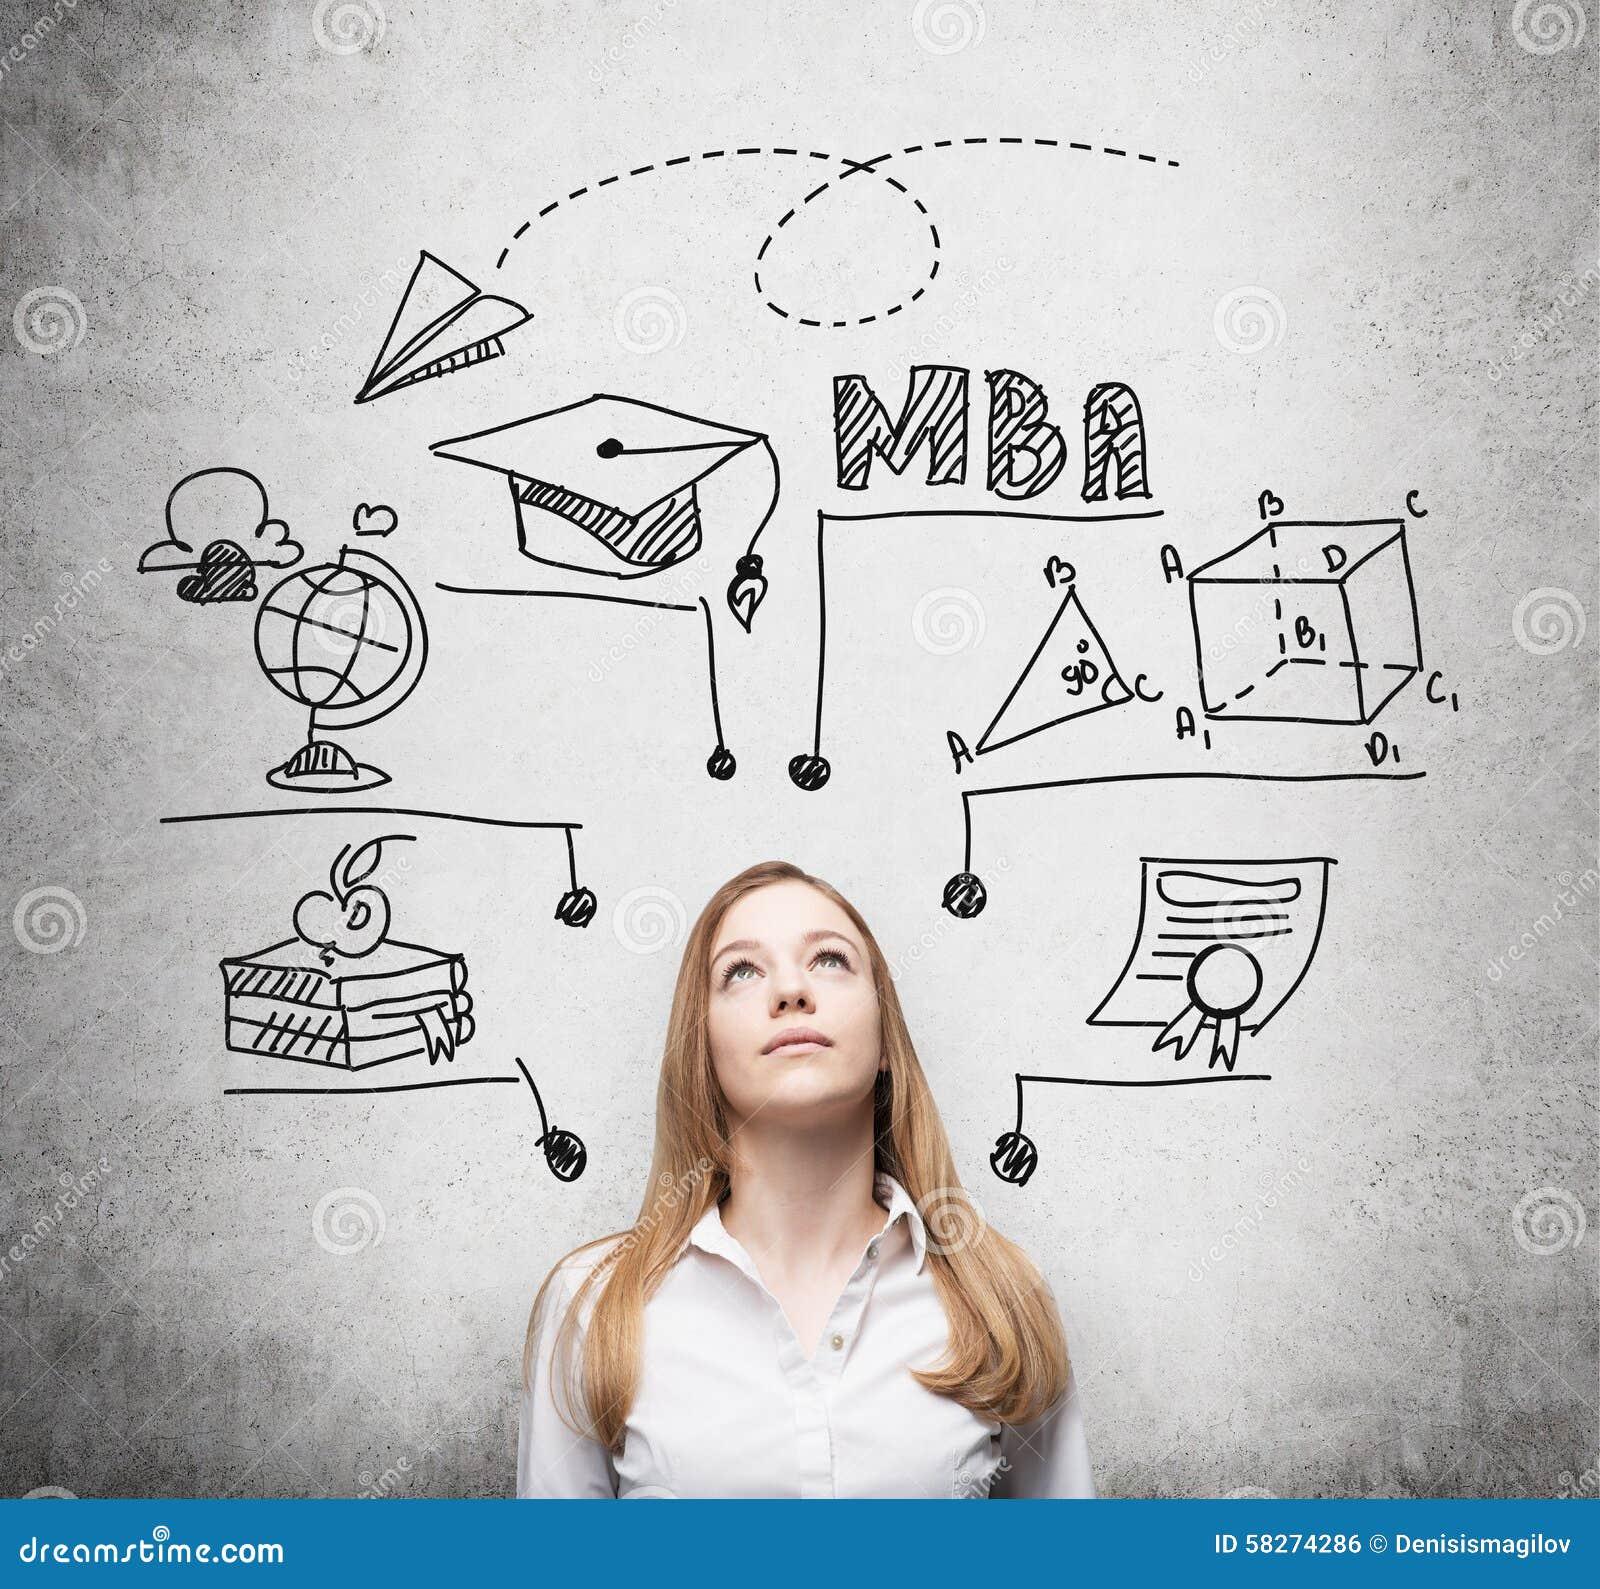 Eine junge Dame denkt an MBA-Grad Pädagogisches Diagramm wird hinter sie gezeichnet Ein Konzept der Bildung der weiteren Geschäft